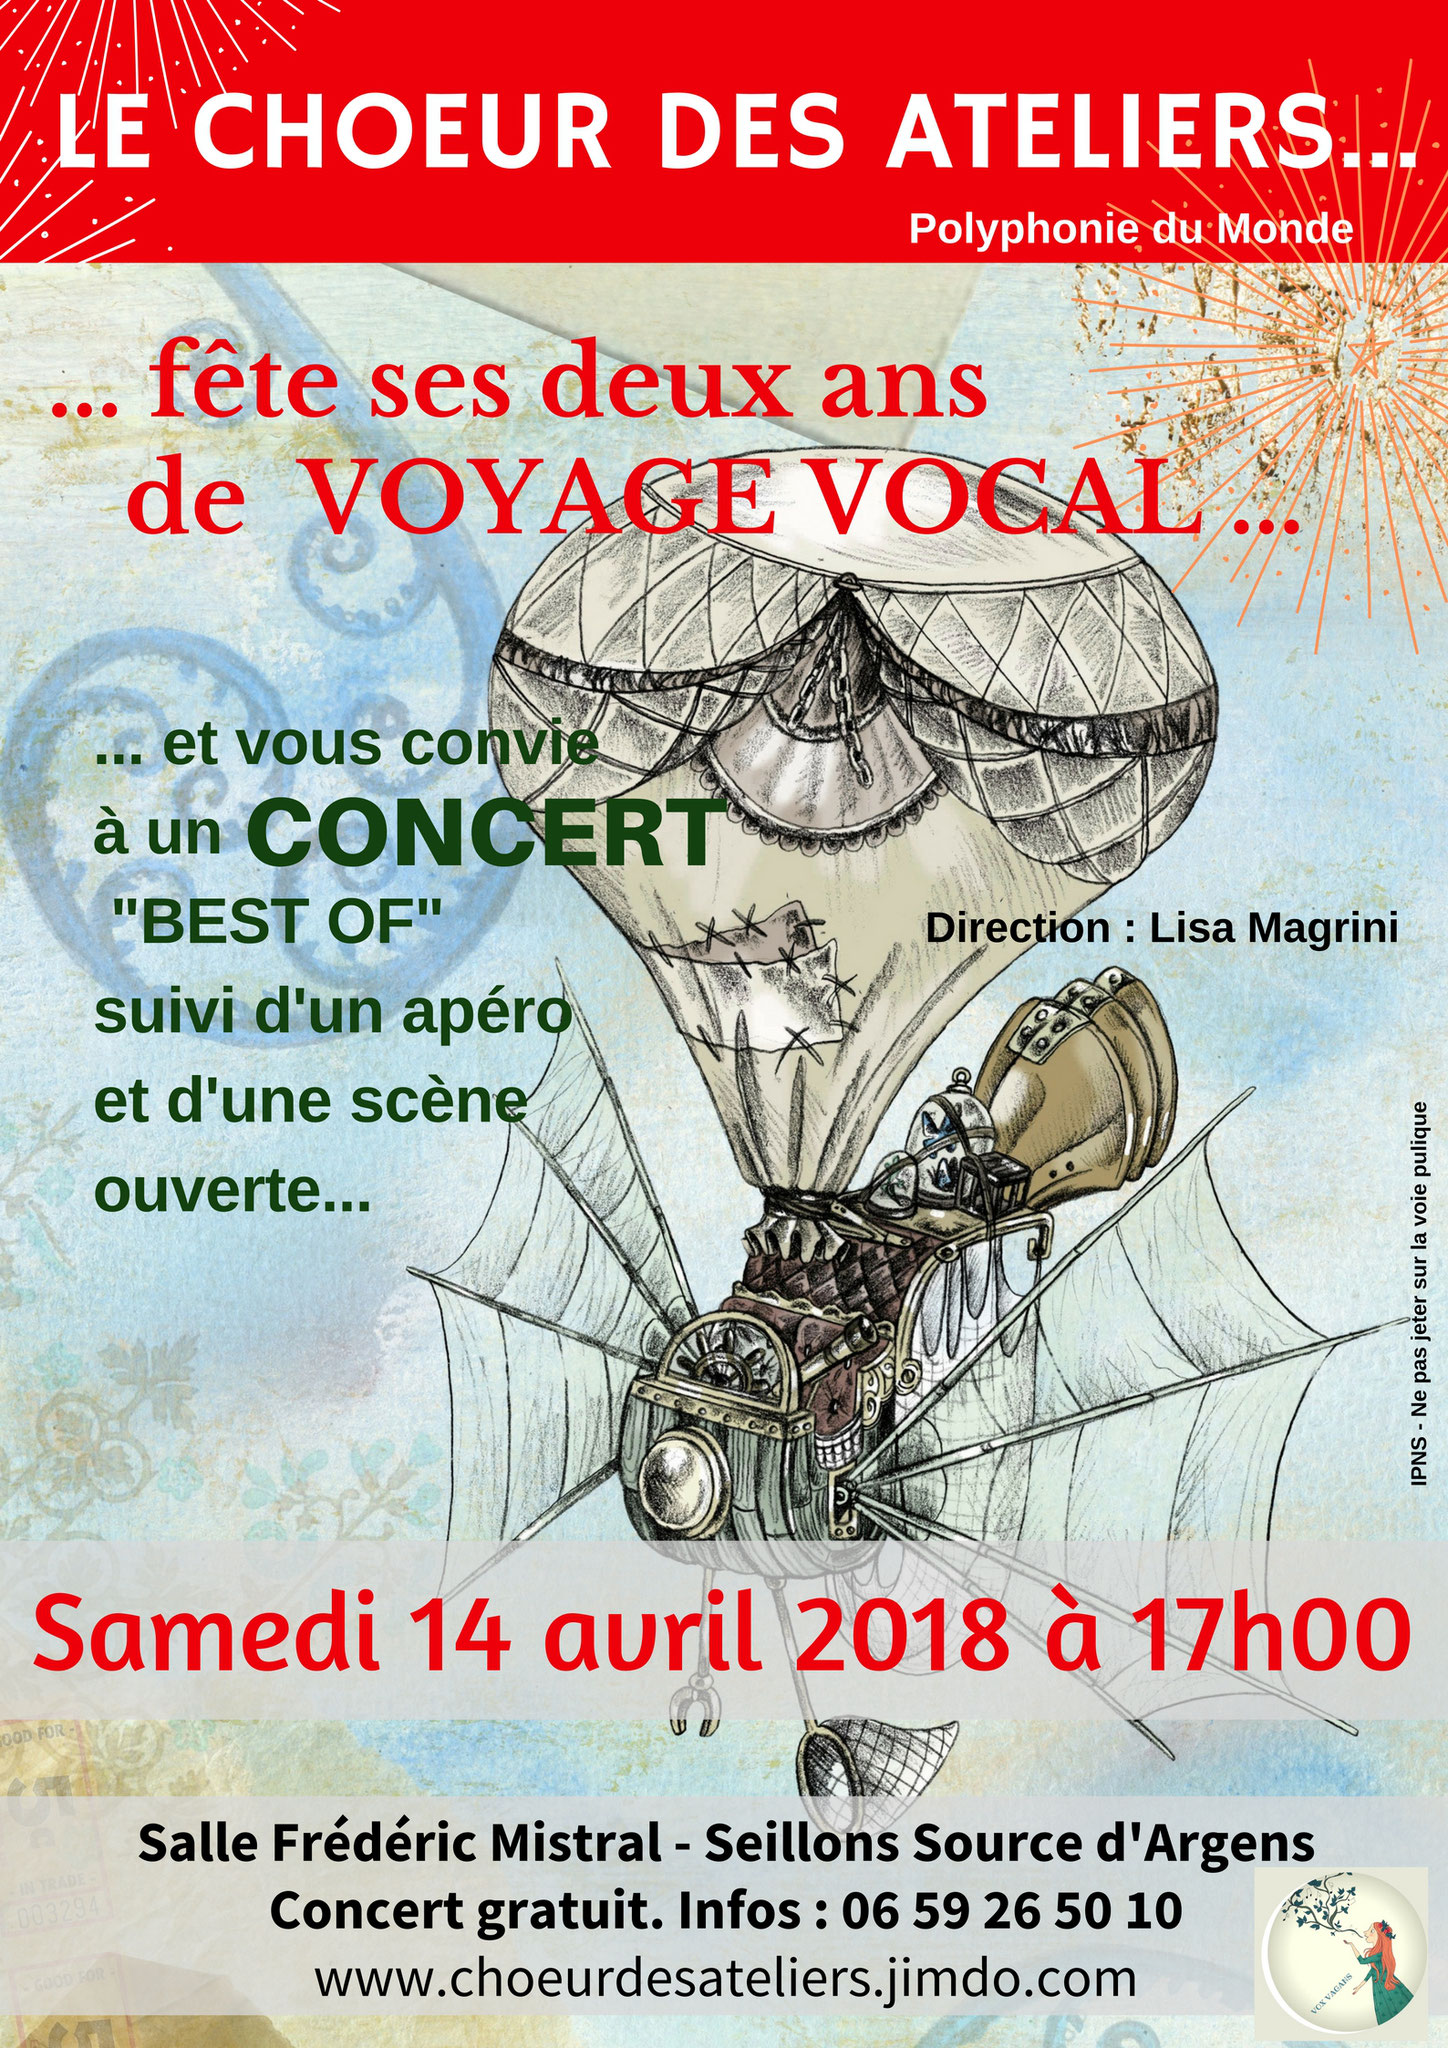 concert anniversaire, les deux ans du choeur des ateliers, polyphonies du monde